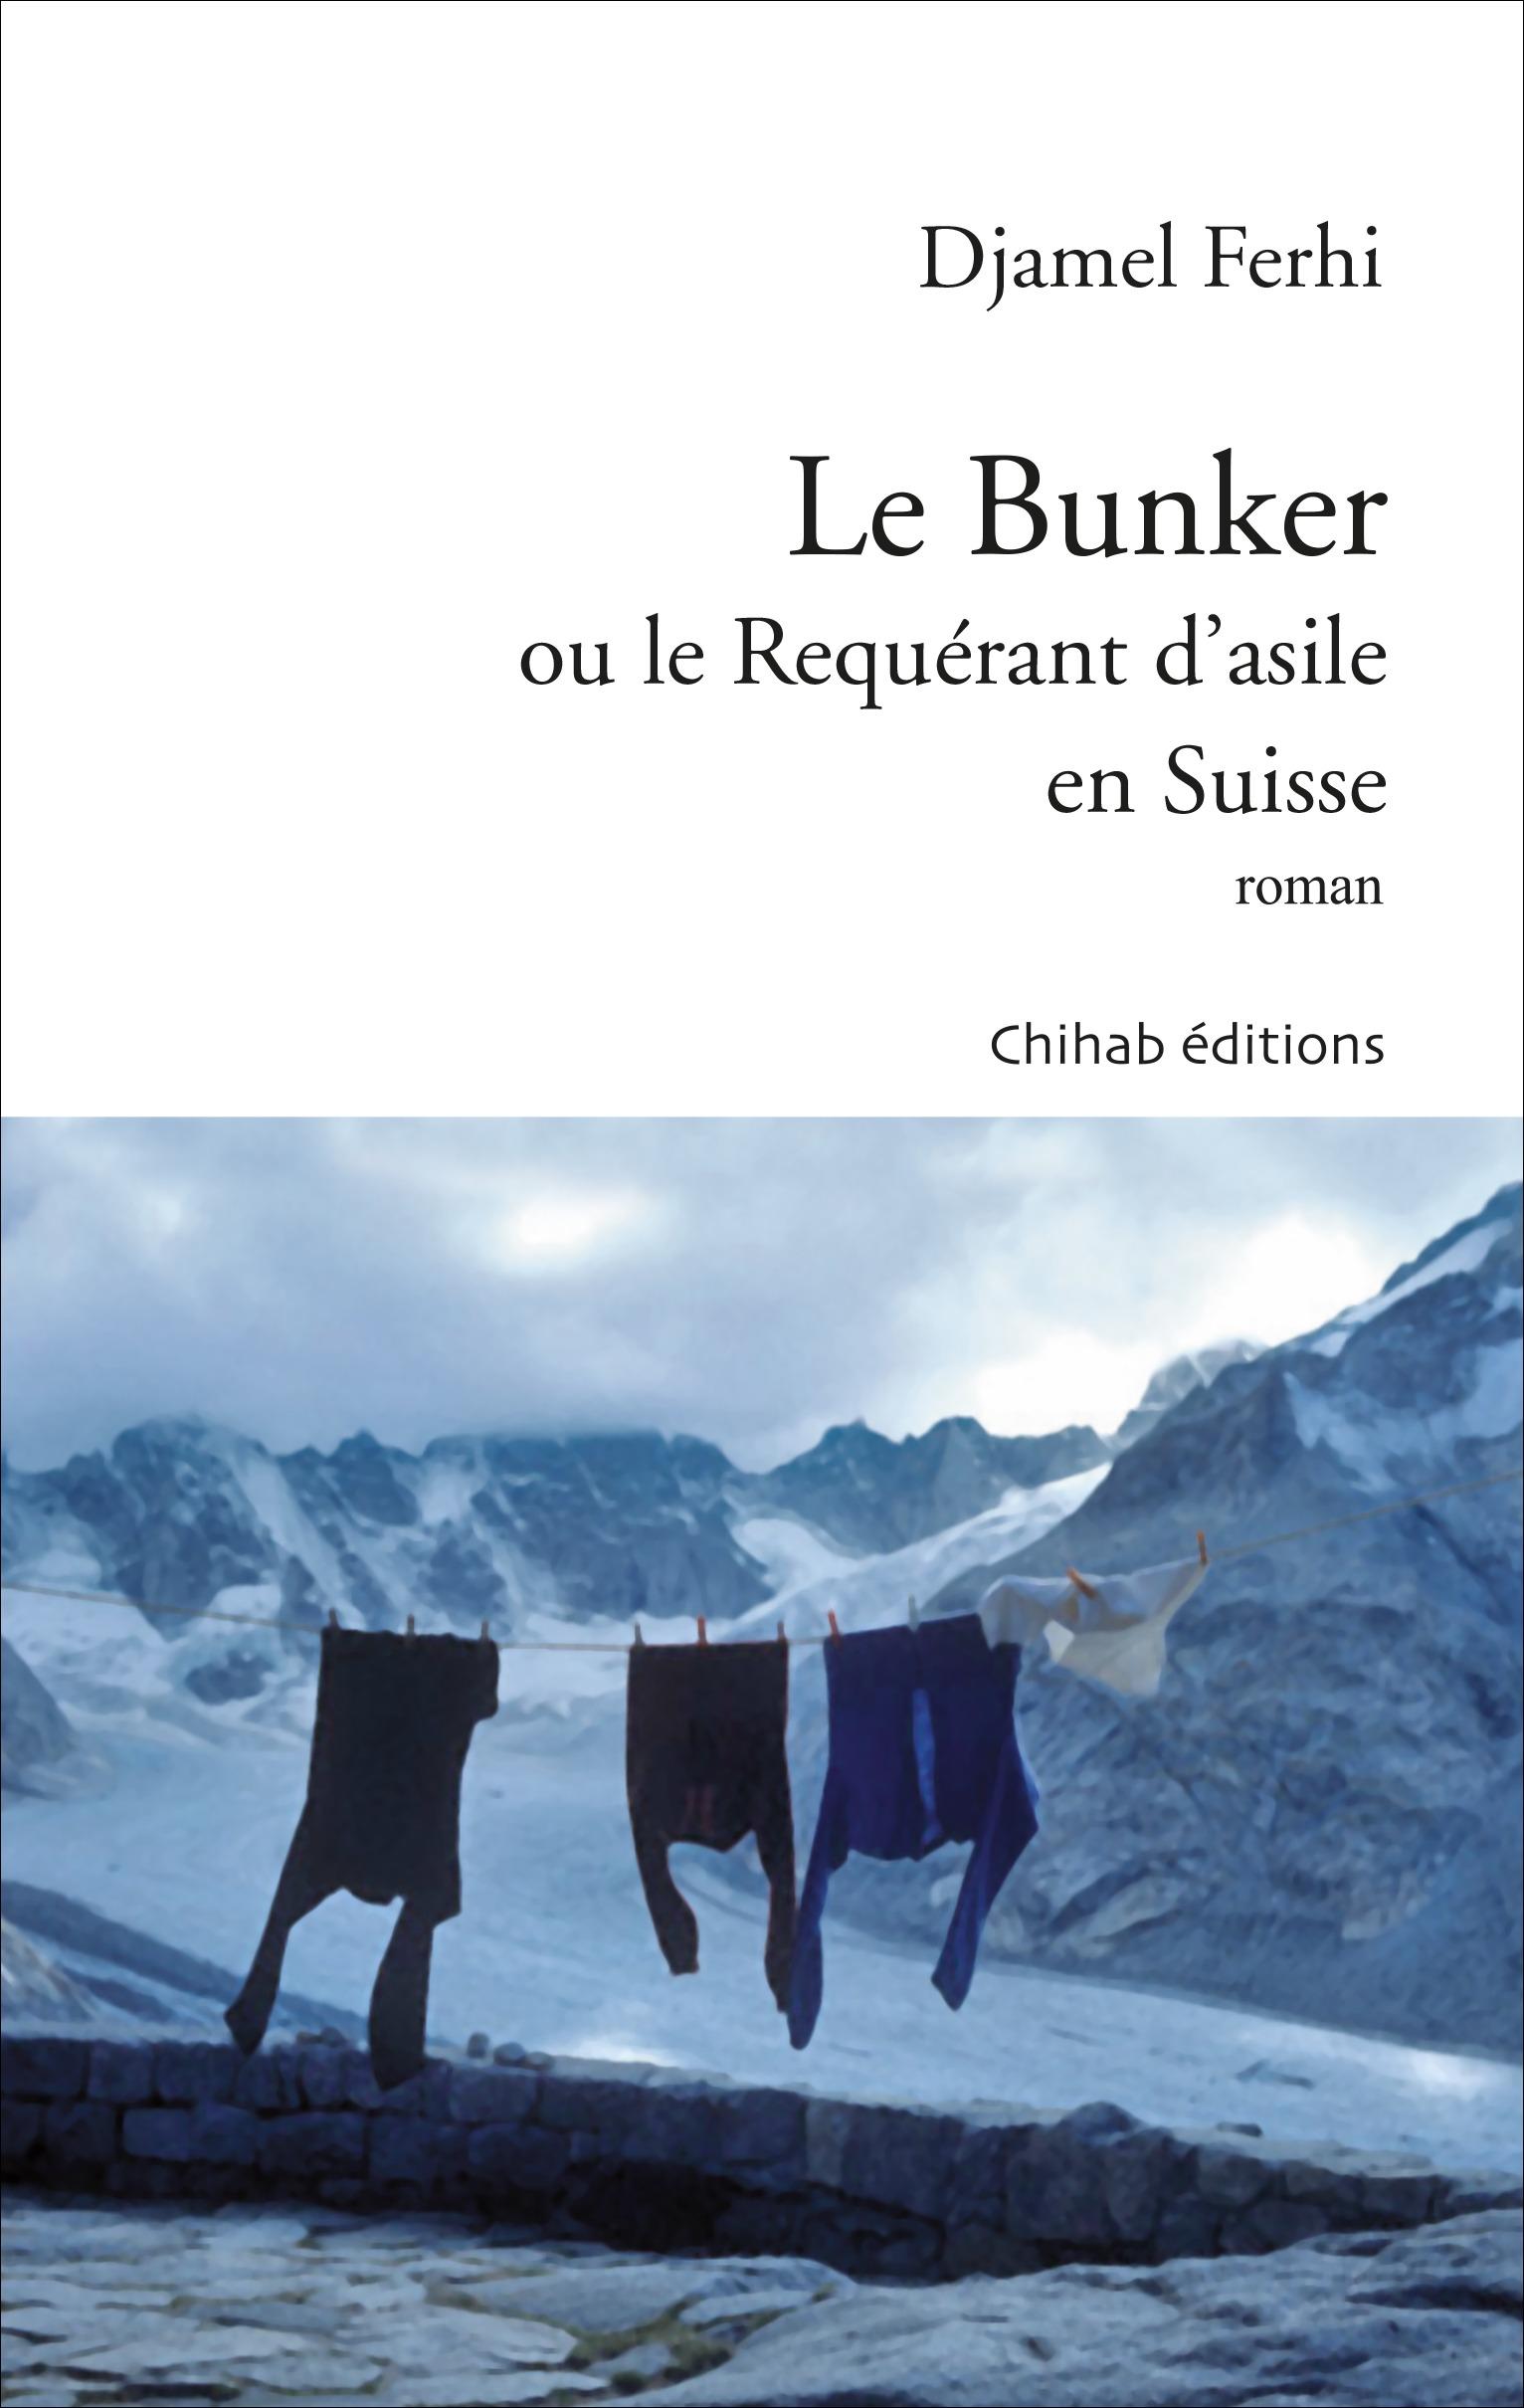 LE BUNKER OU LE REQUERANT D'ASILE EN SUISSE